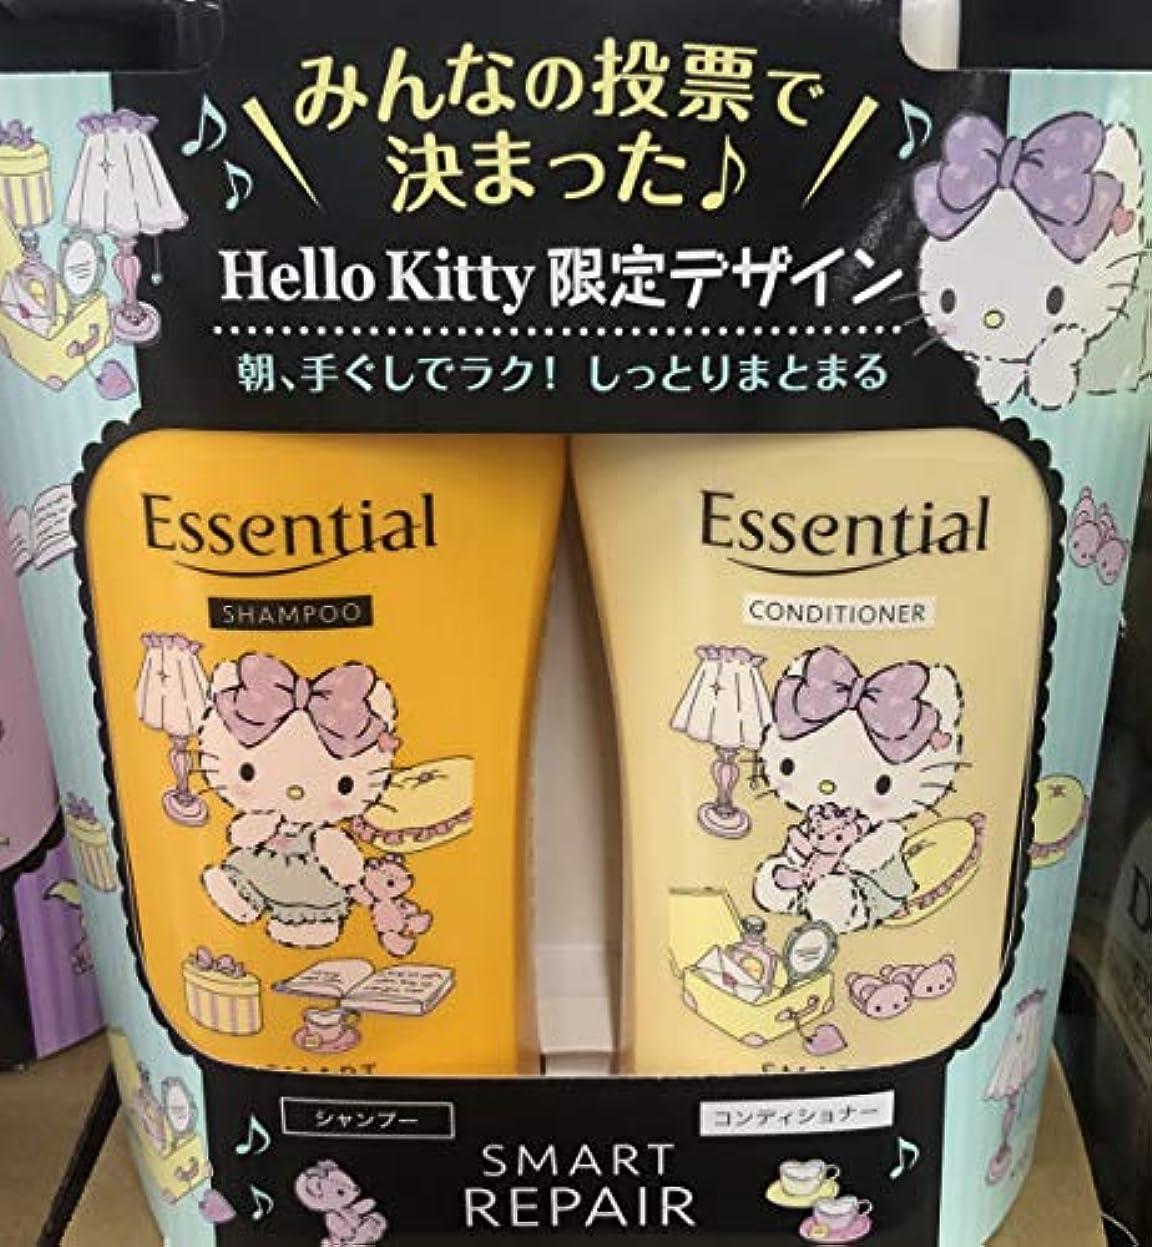 アルミニウムキャンバスアボートEssntial エッセンシャルヘアシャンプー480ml&コンディショナー480ml【SMART REPAIR】スマートリペア ハローキティ 限定パッケージ Hello Kitty